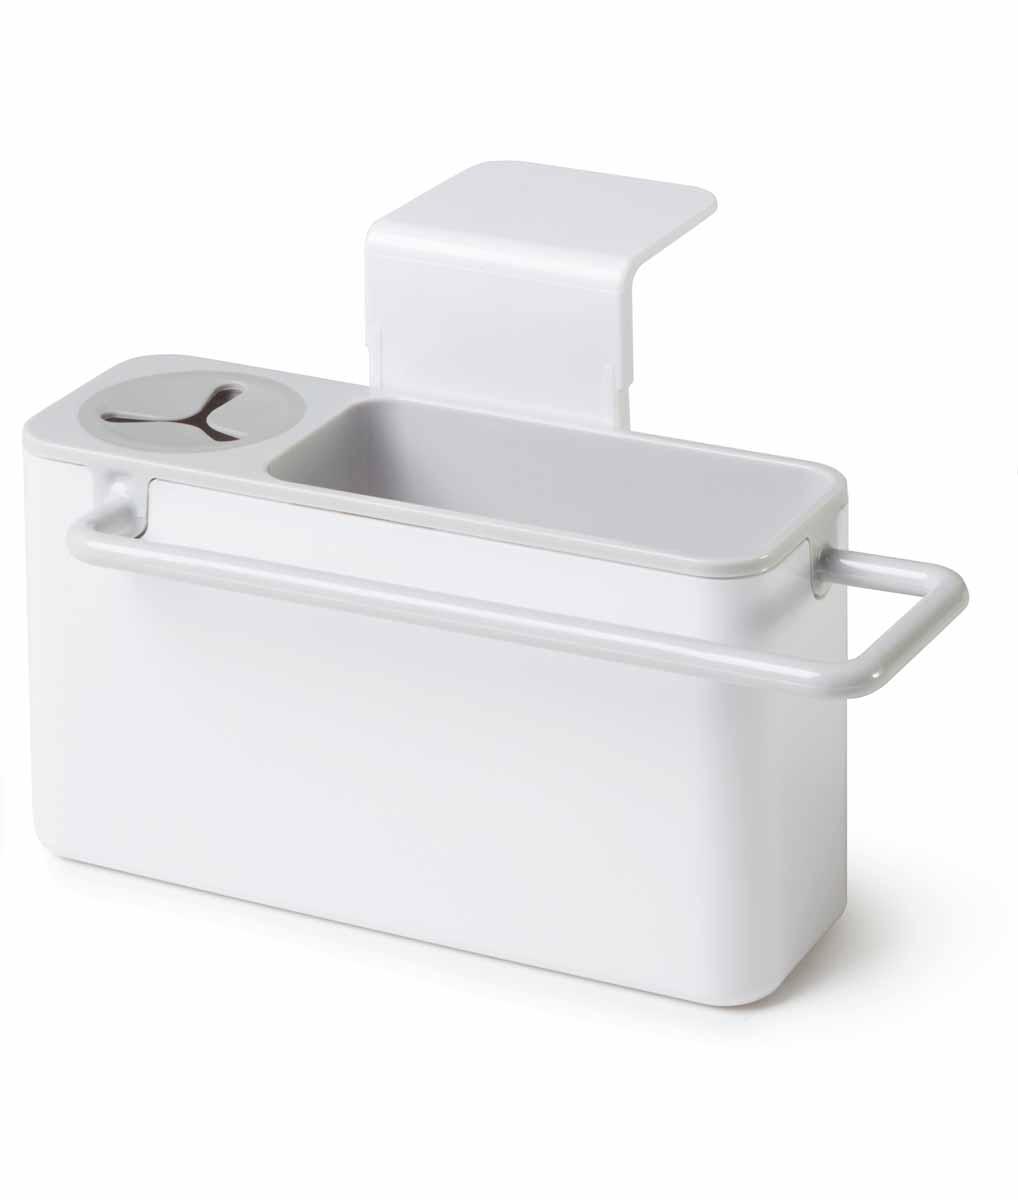 Подставка для кухонных принадлежностей Идея Mr. Чистюля, цвет: серыйPDS-03Подставка для кухонных принадлежностей Идея Mr. Чистюля поможет навести на кухне полный порядок и расставить все по своим местам. В ней найдется место для кухонной салфетки, моющего средства, ершика и губки. Подставка не только поможет вам держать под рукой необходимые для мытья посуды принадлежности, но и добавит настроения. Щетку можно поставить в отсек с силиконовым держателем, кухонную салфетку повесить на рейлинг, где она быстрей высохнет, а губку для мытья посуды положить внутрь подставки. Вся вода, которая будет собираться с моющих принадлежностей, будет стекать в раковину. Подставка крепится на раковину мощными присосками, при необходимости она легко снимается, разбирается и моется. Размер подставки: 19 см х 9 см х 9 см.